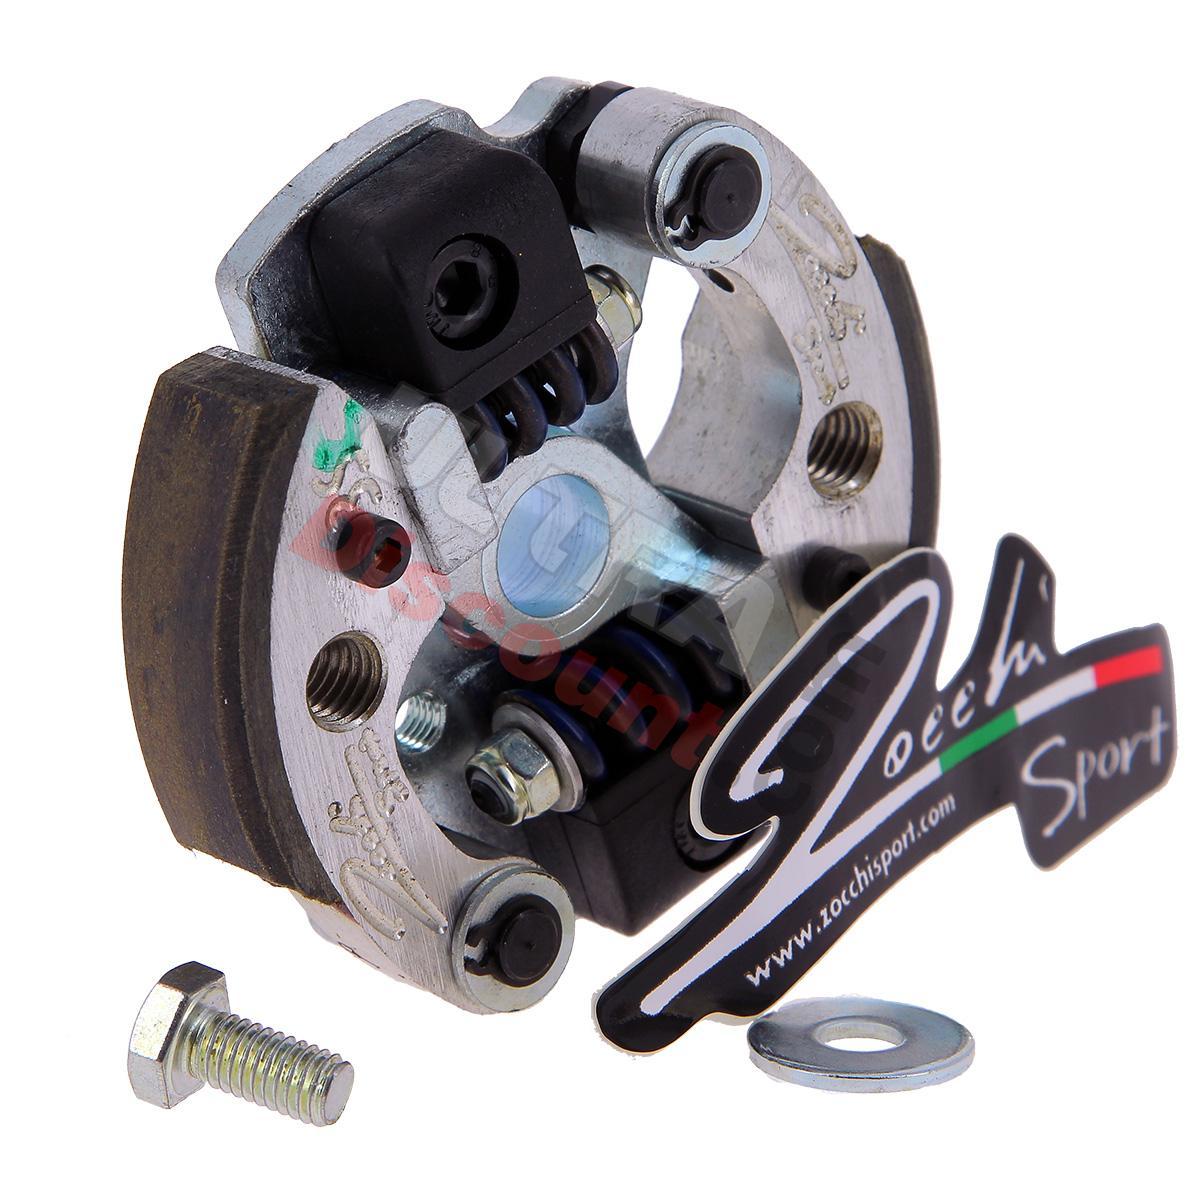 kupplung zocchi aus karbon f r pocket bike 47 49 ccm. Black Bedroom Furniture Sets. Home Design Ideas